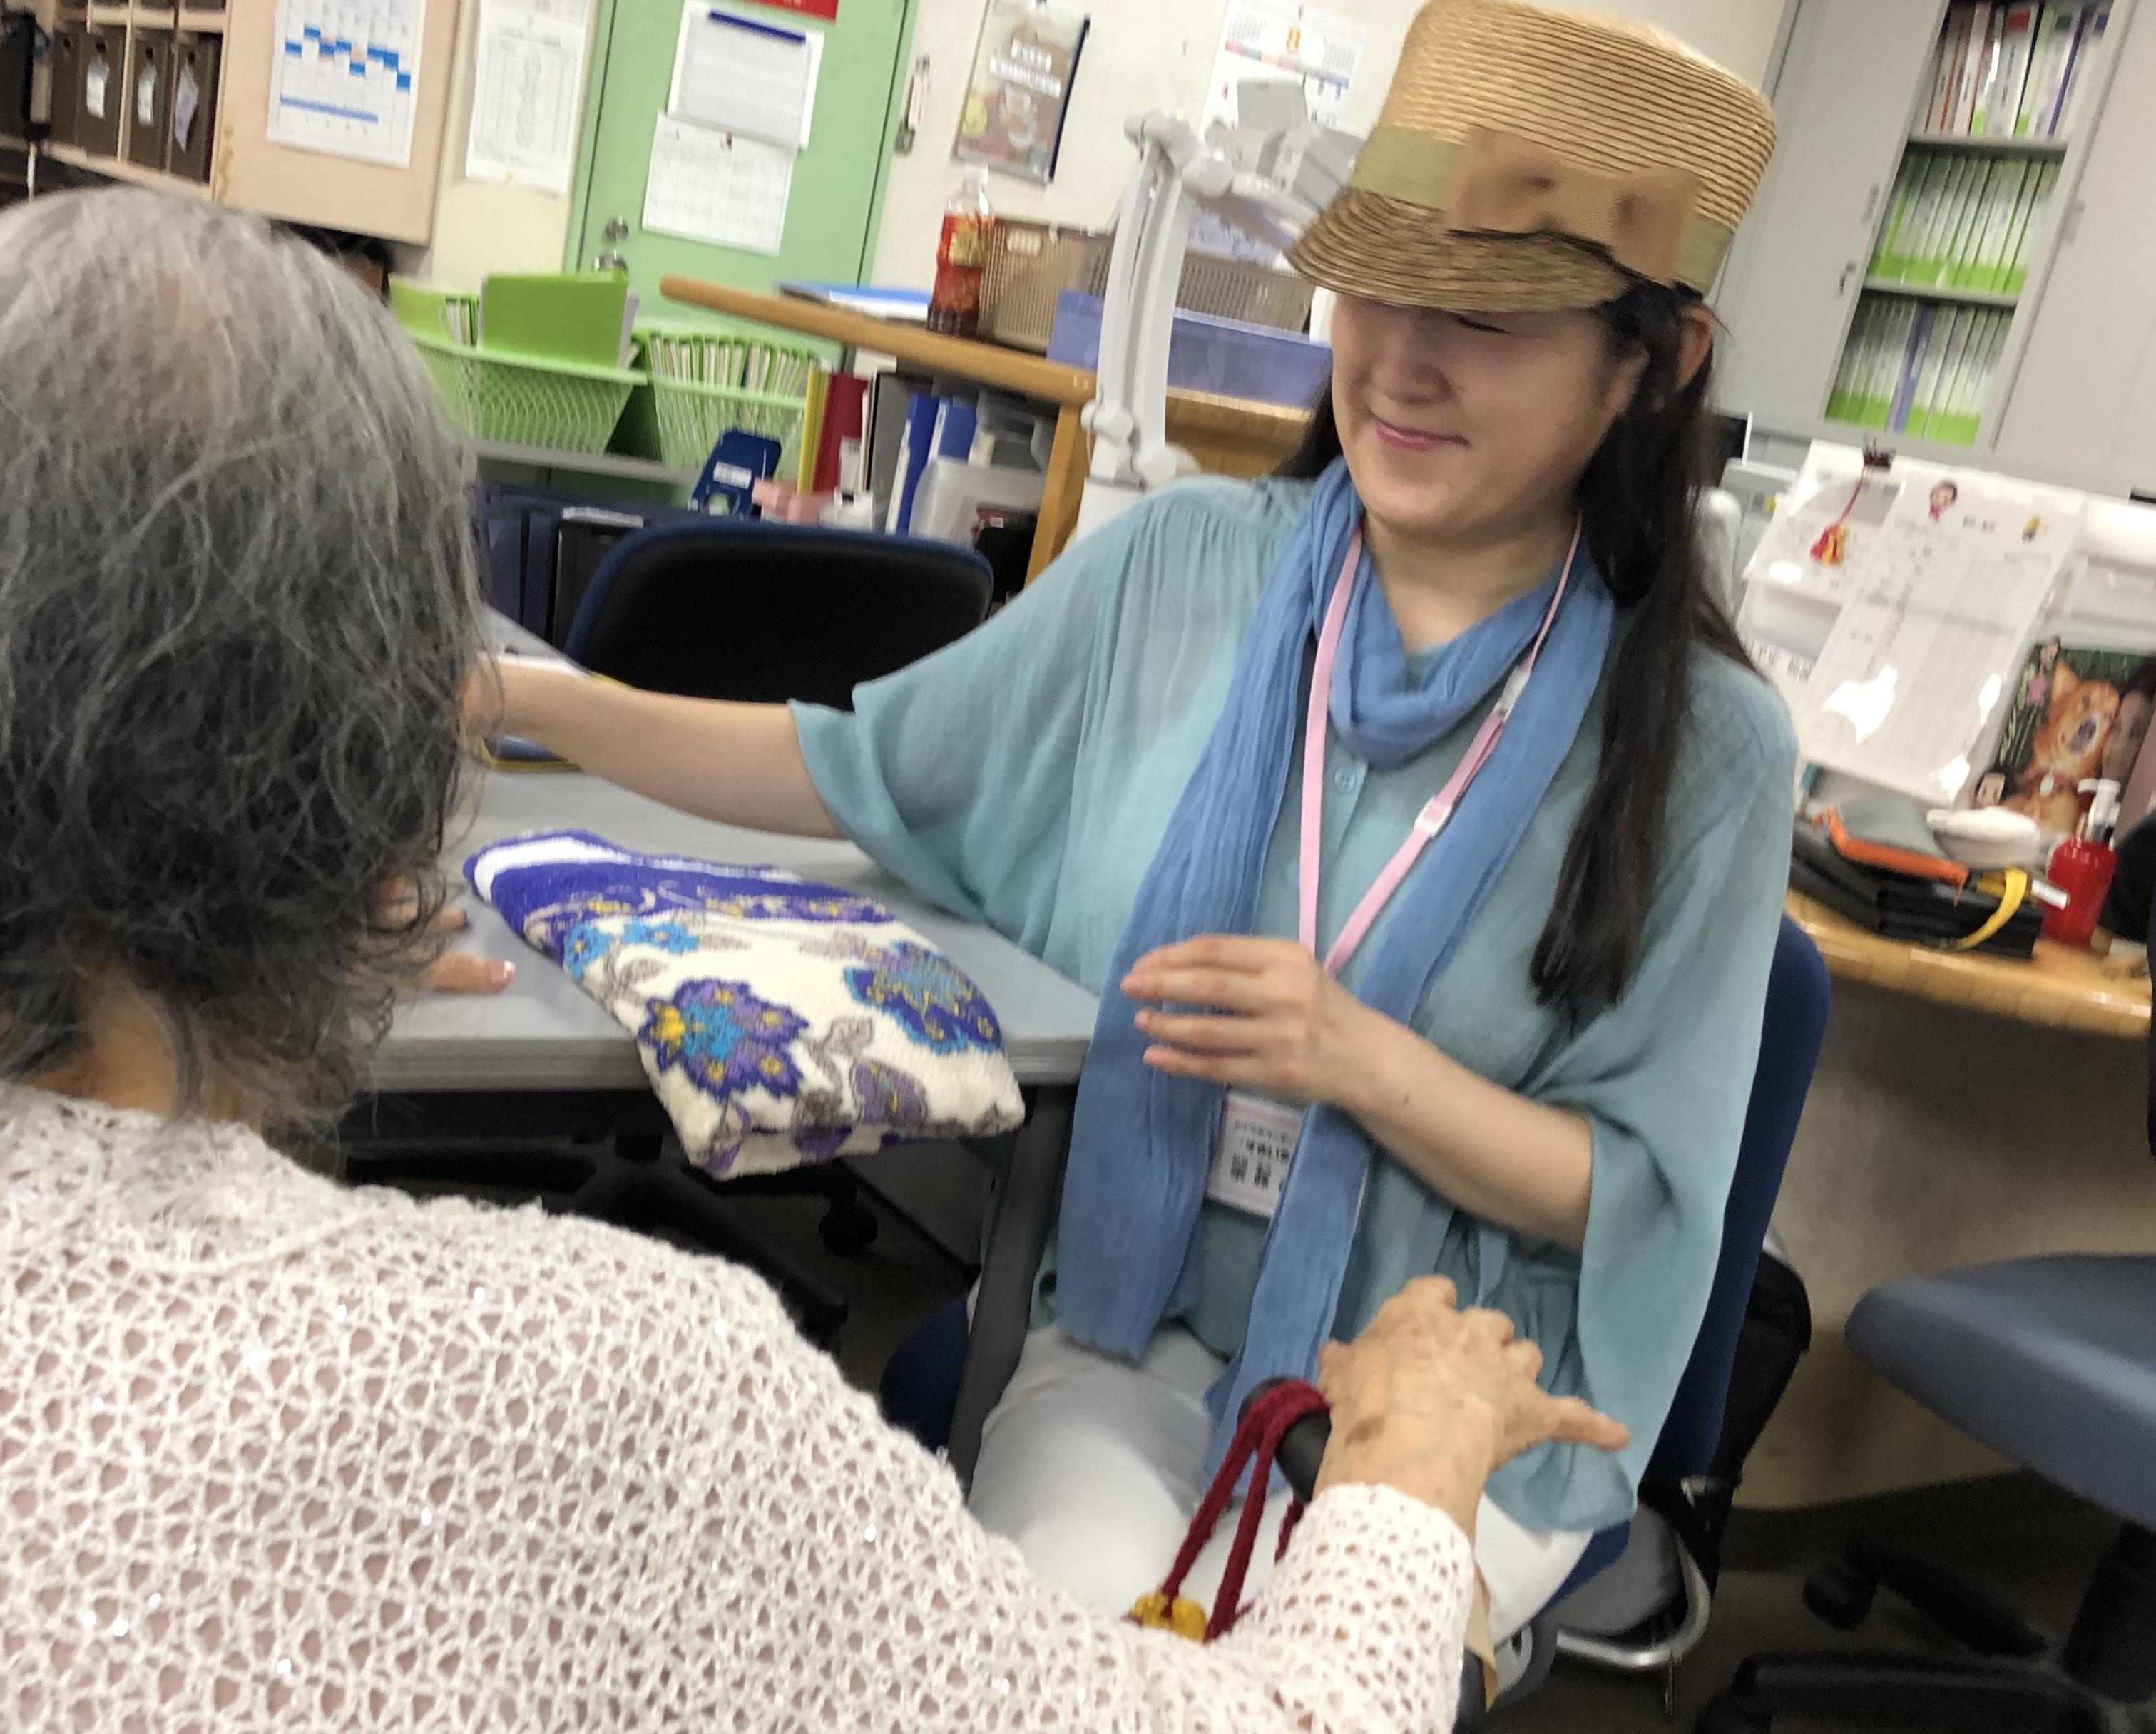 八月のすまいる小町さん・笑顔が嬉しい活動でした。